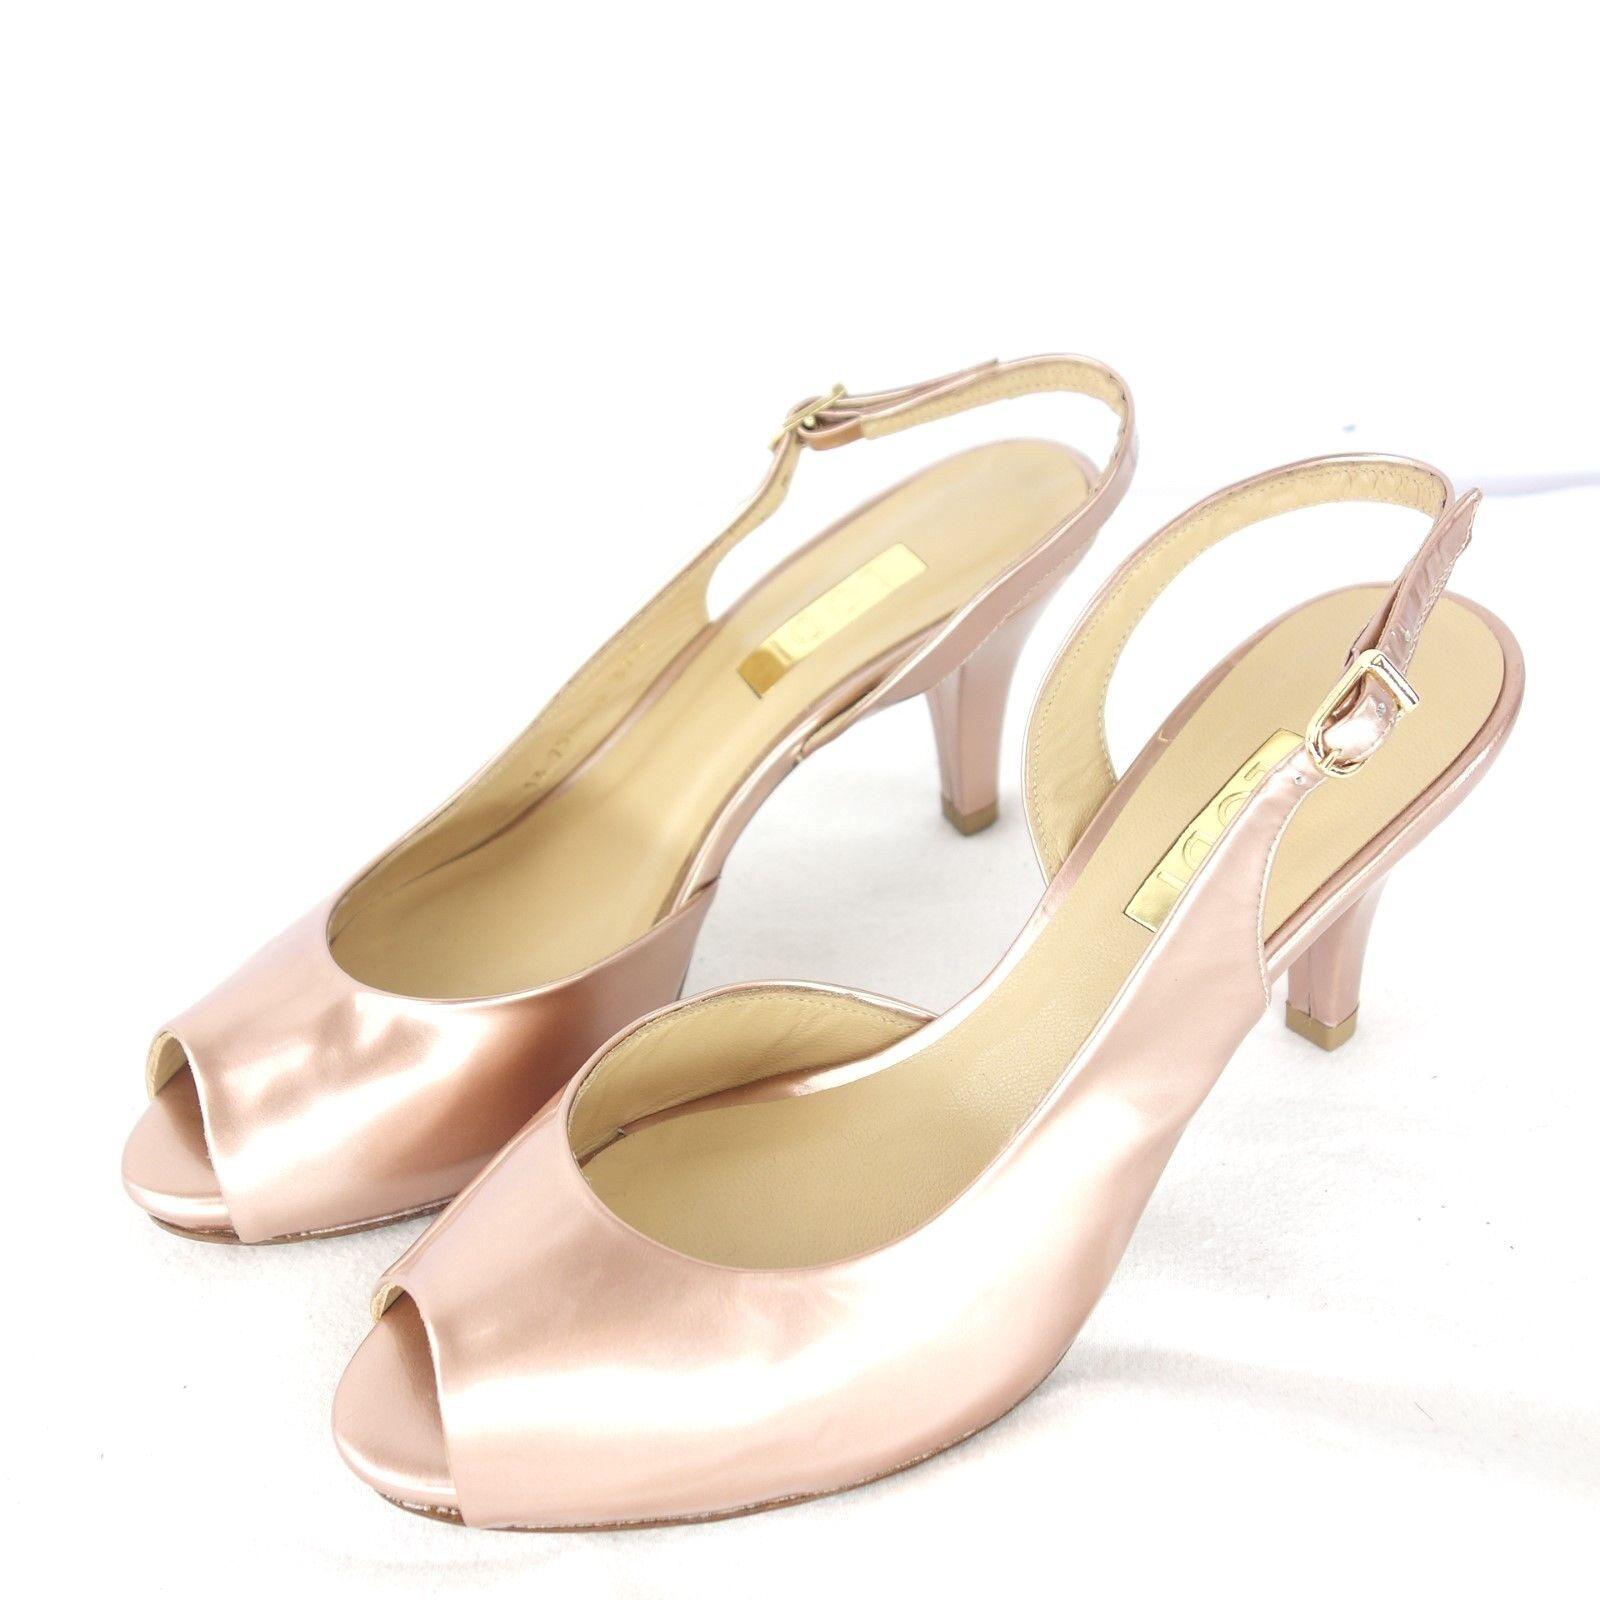 Lodi Scarpe Donna Décolleté Spuntate Metallizzato Lucido pelle rosa Elegante Np | In Uso Durevole  | Uomo/Donne Scarpa